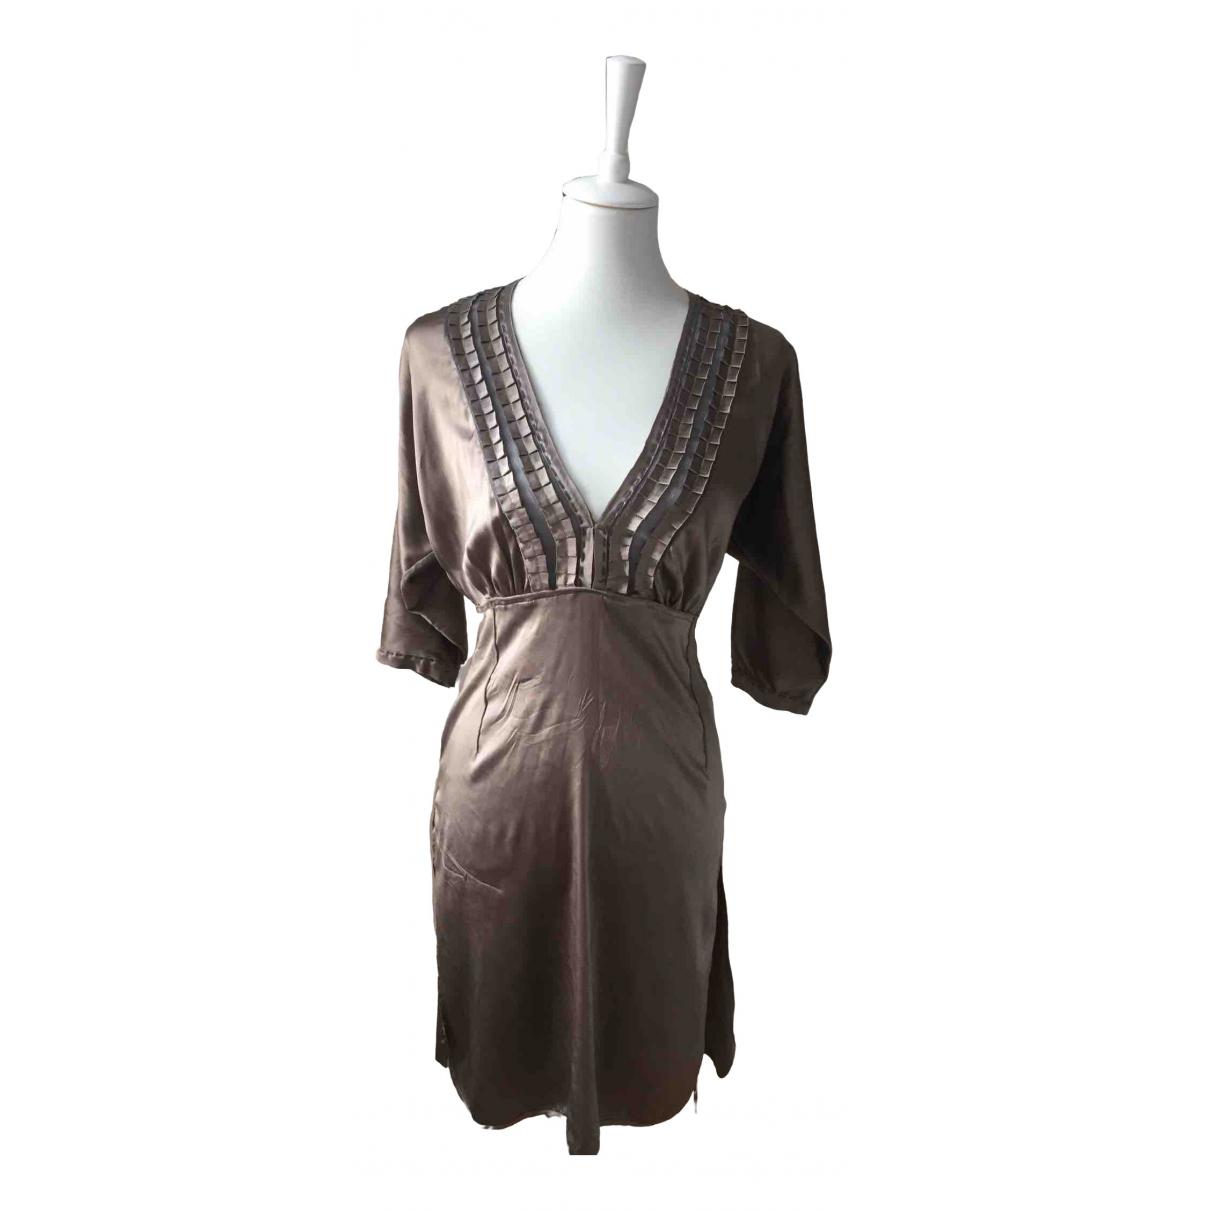 Bruuns Bazaar \N Kleid in  Ecru Seide